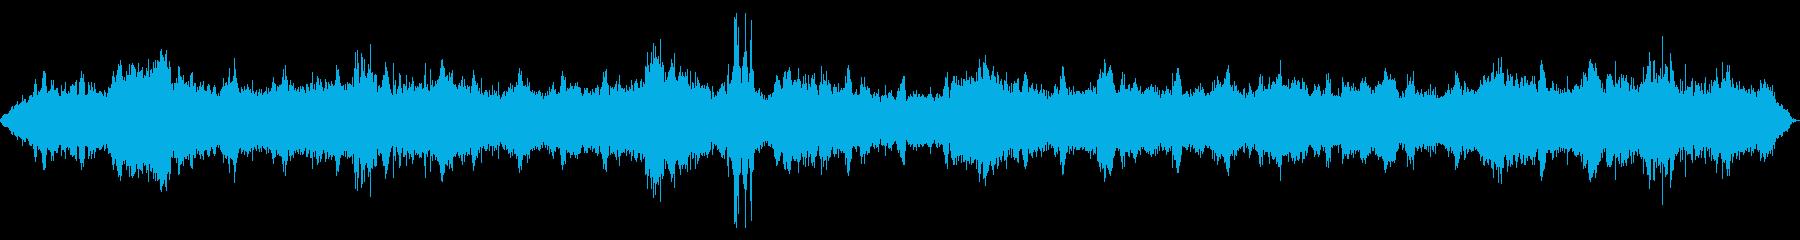 ホラードローンサウンドスケープ:さ...の再生済みの波形